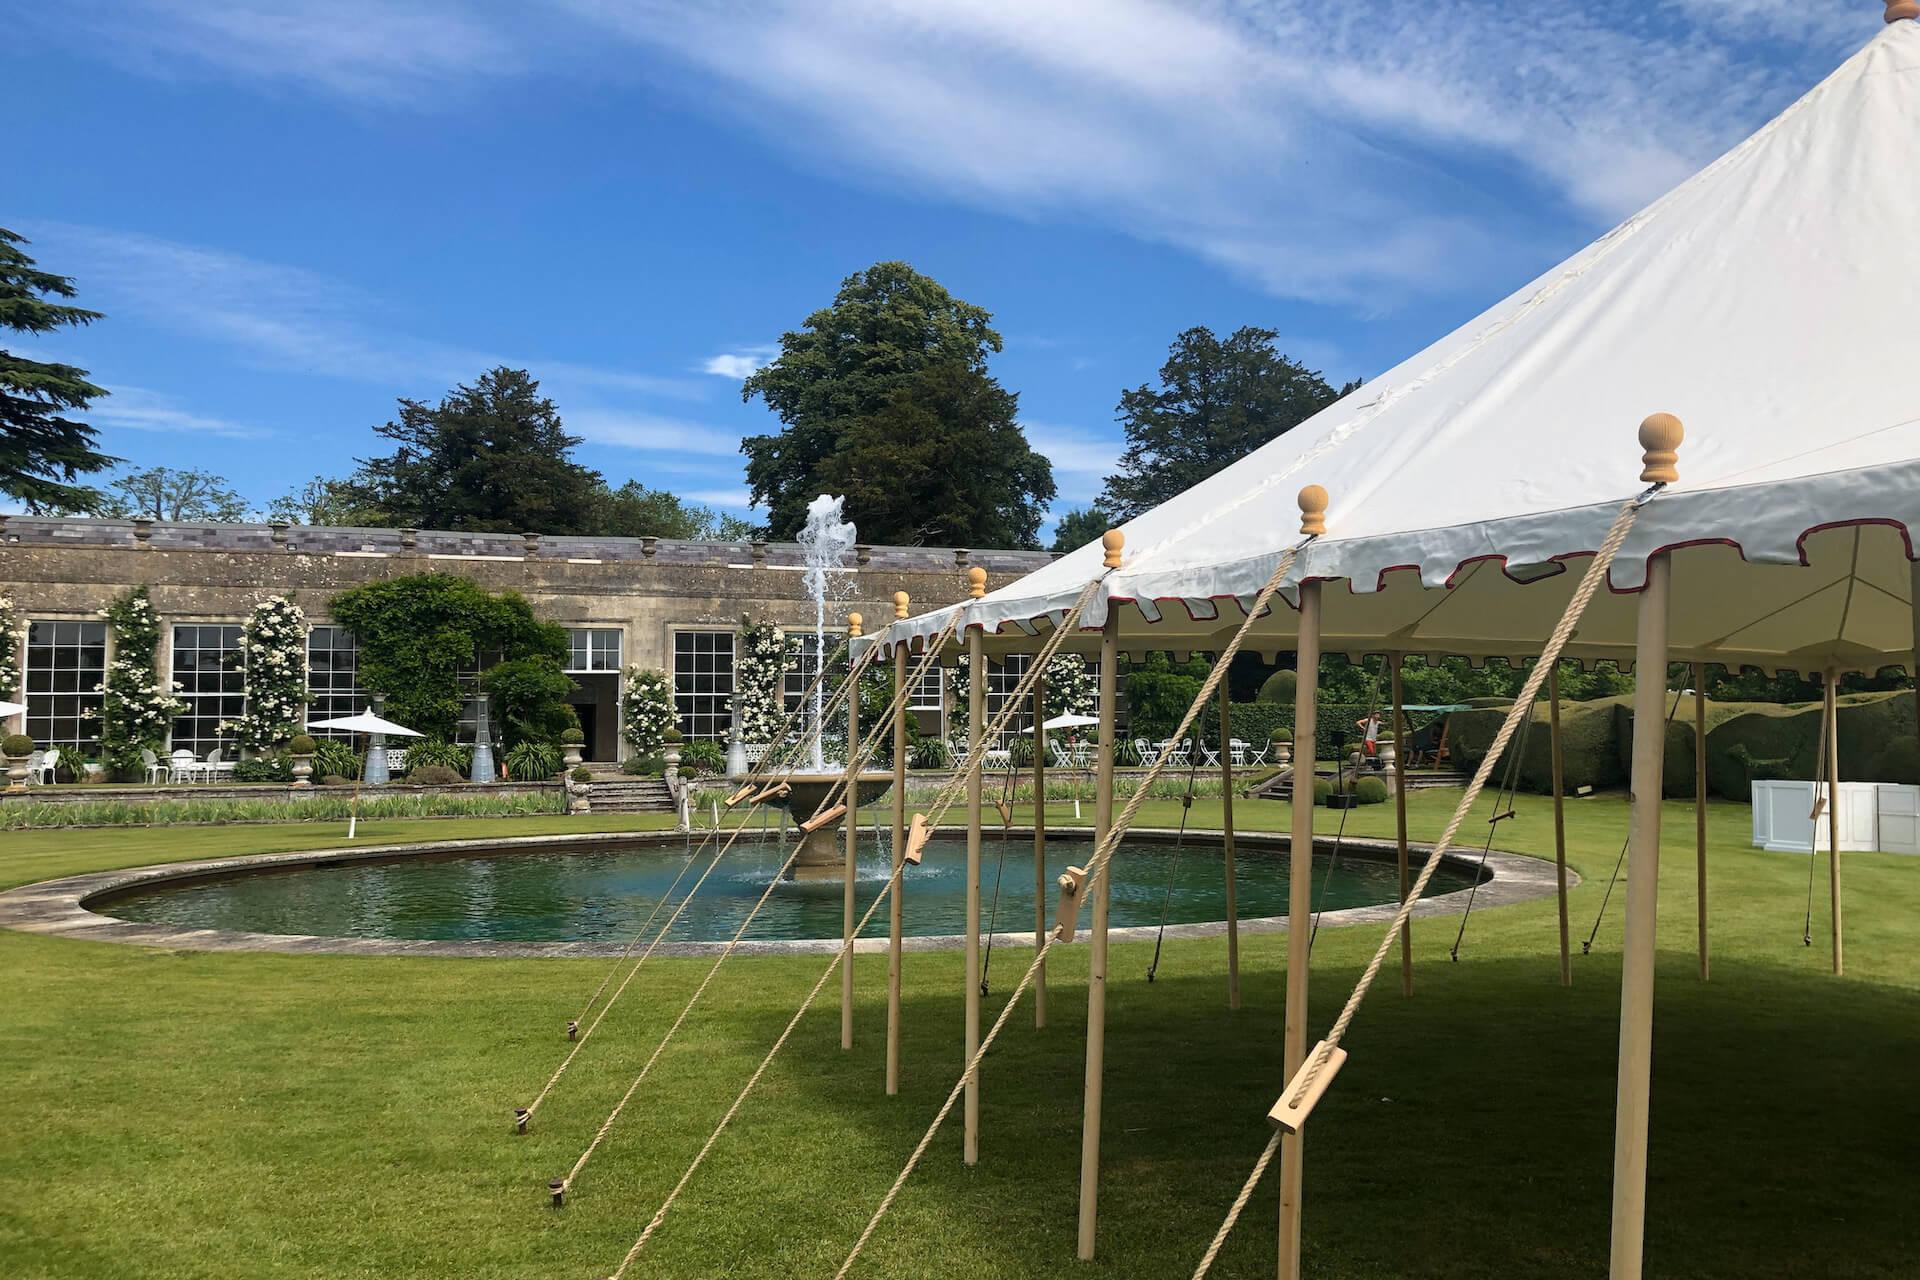 Badminton house orangery wedding event